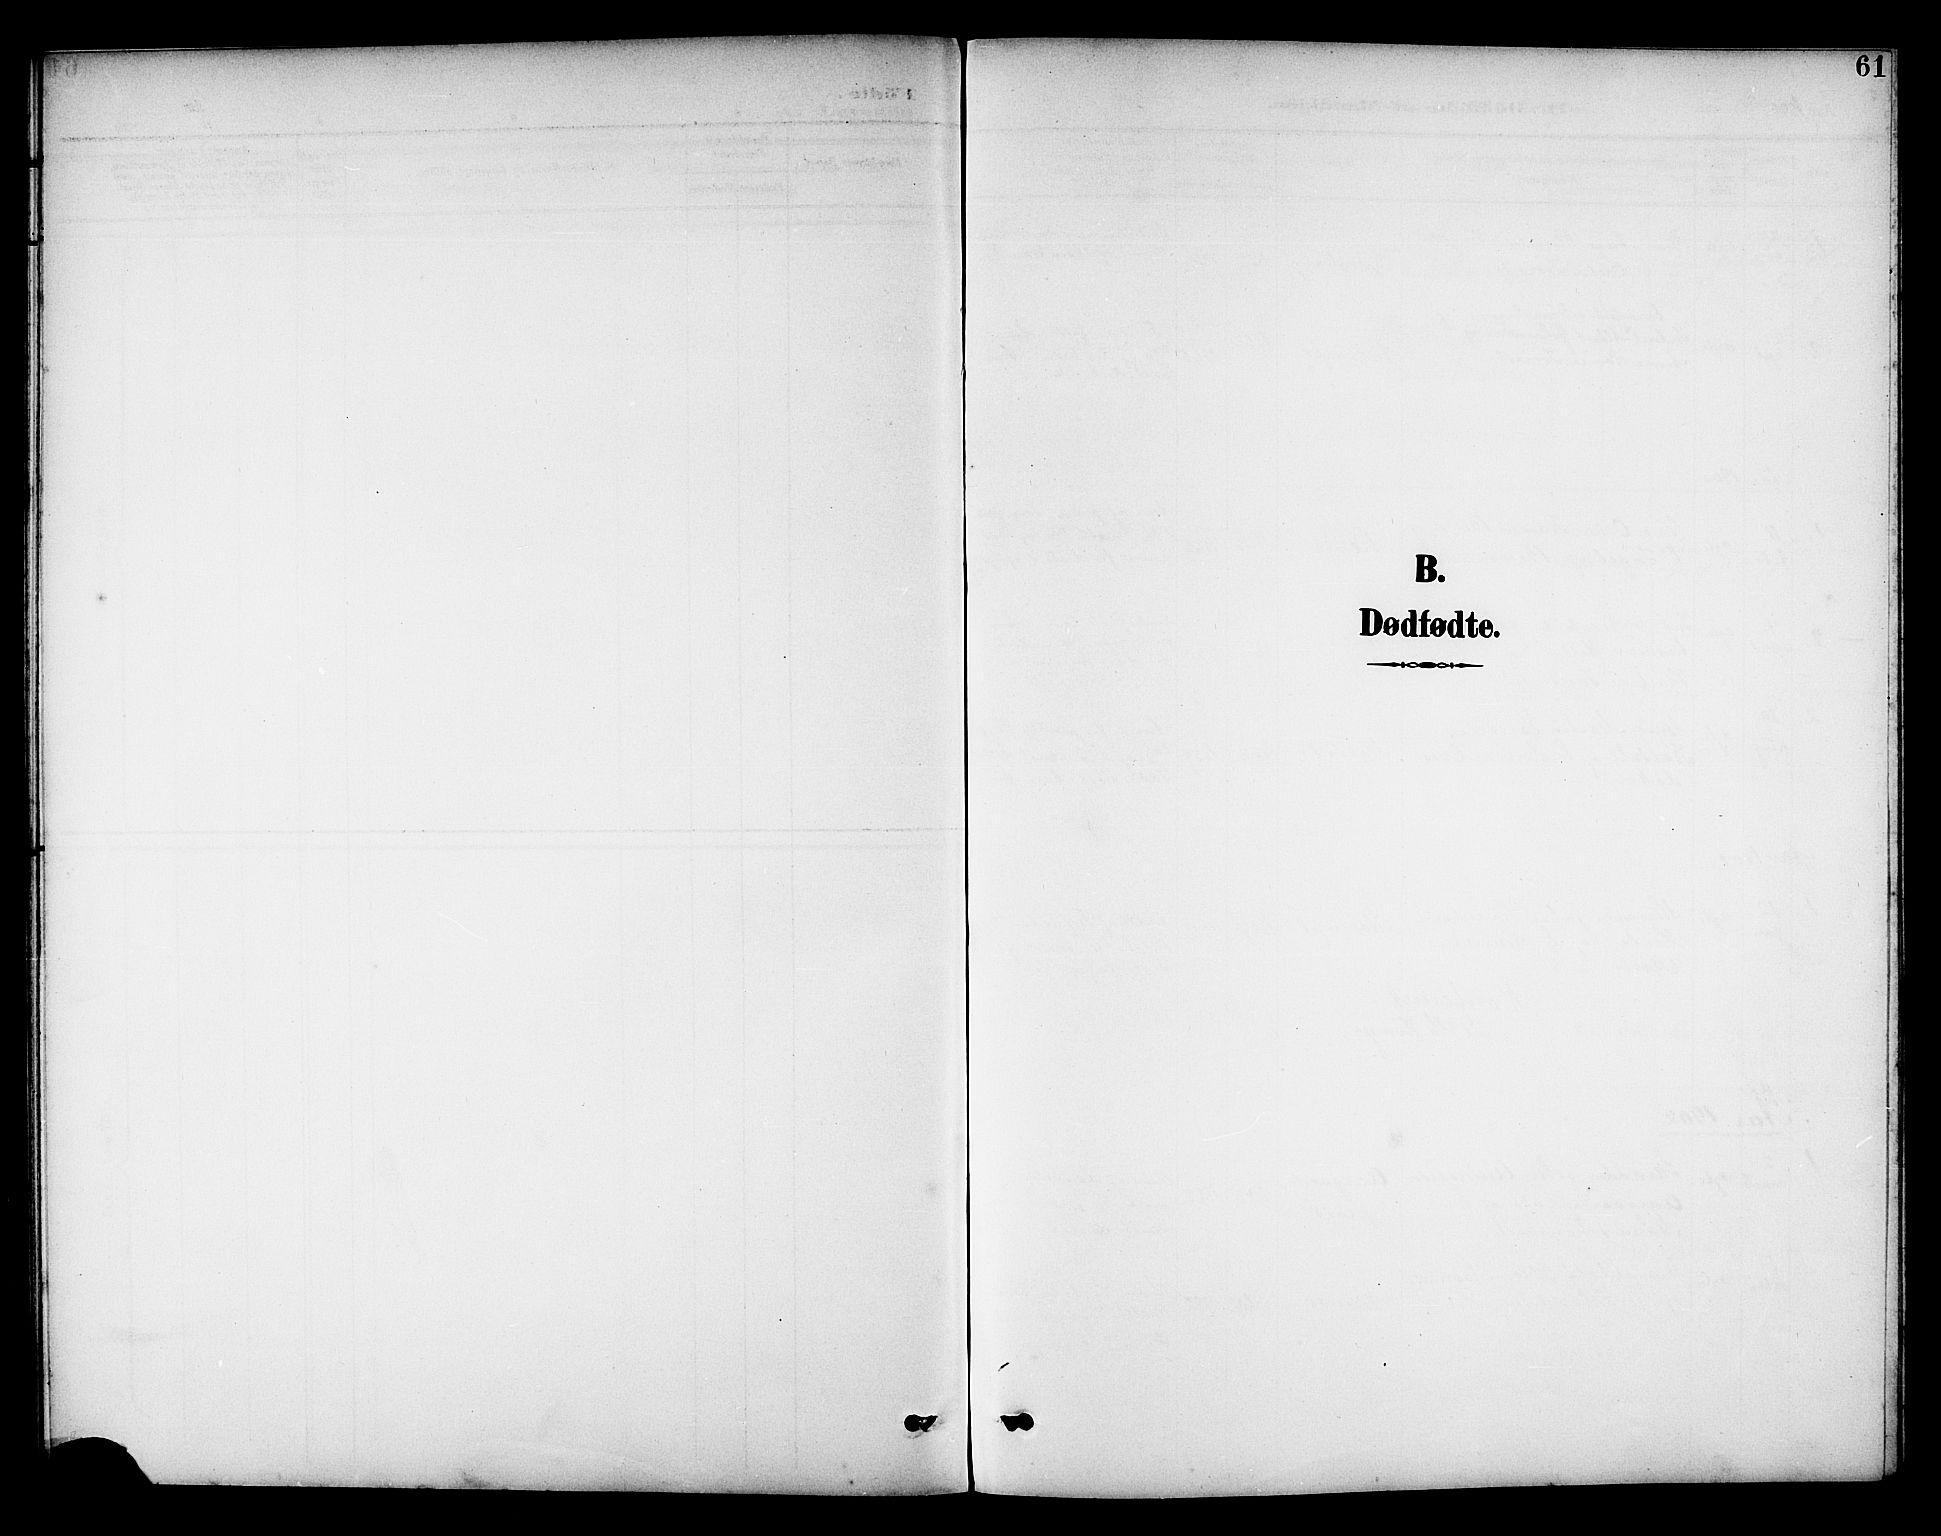 SAT, Ministerialprotokoller, klokkerbøker og fødselsregistre - Nord-Trøndelag, 742/L0412: Klokkerbok nr. 742C03, 1898-1910, s. 61